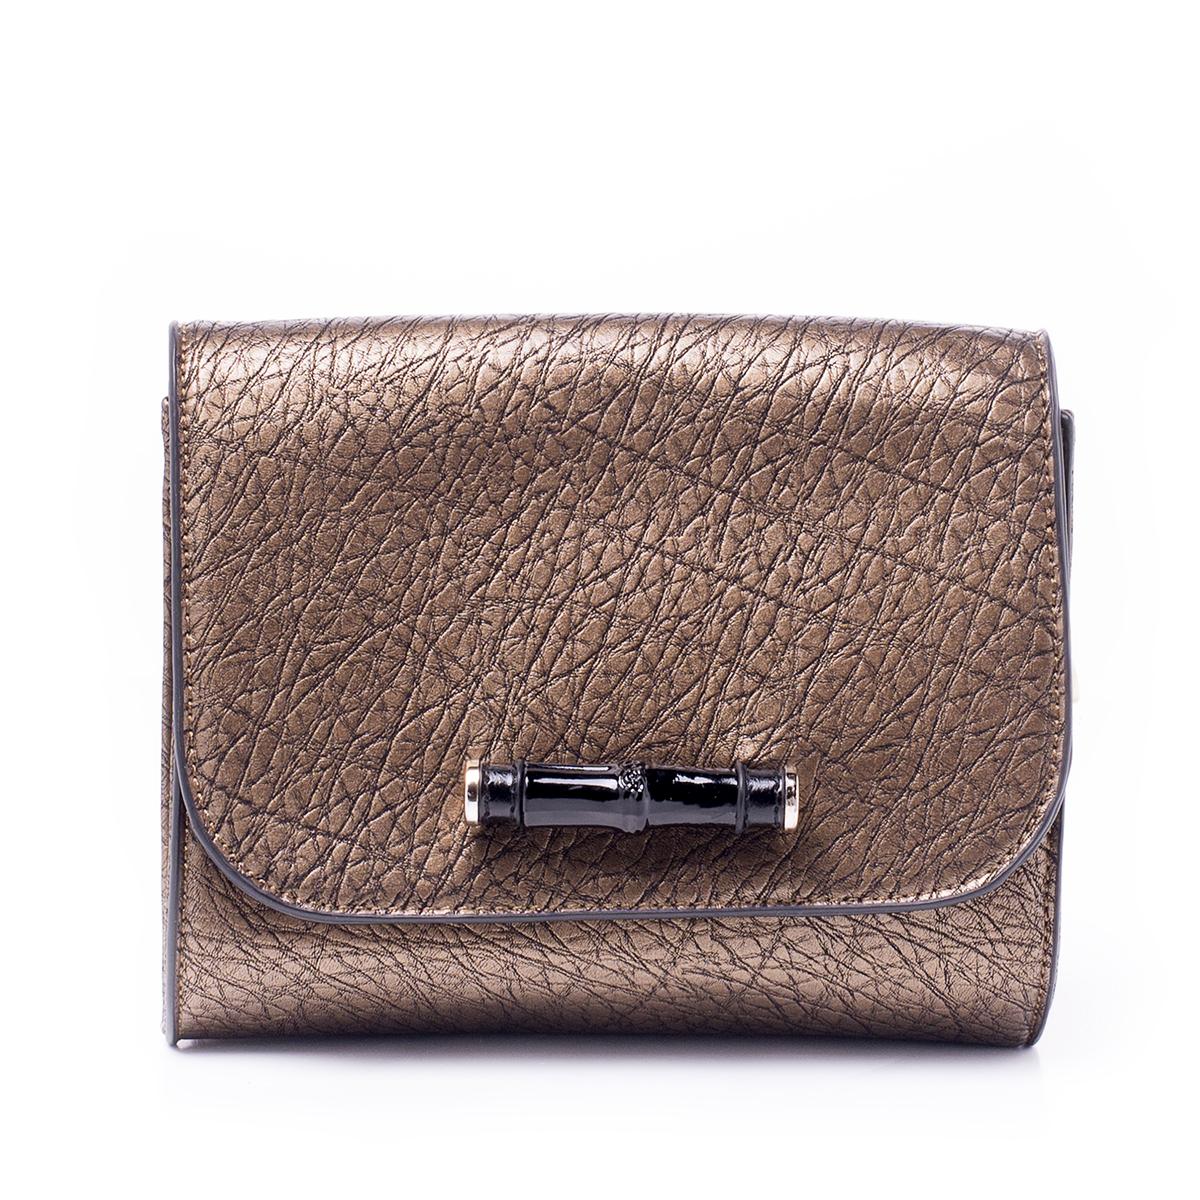 Сумка женская Renee Kler, цвет: светло-коричневый. RK502-03RK502-03Стильная женская сумка Renee Kler выполнена из качественной искусственной кожи. Поверхность сумки выполнена с декоративным тиснением. Сумка имеет одно отделение и застегивается на молнию и клапан с магнитной кнопкой. Клапан дополнен крупным пластиковым элементом. Внутри отделения находится один врезной карман на застежке-молнии. Сумка оснащена съемным наплечным ремнем, который регулируется по длине.